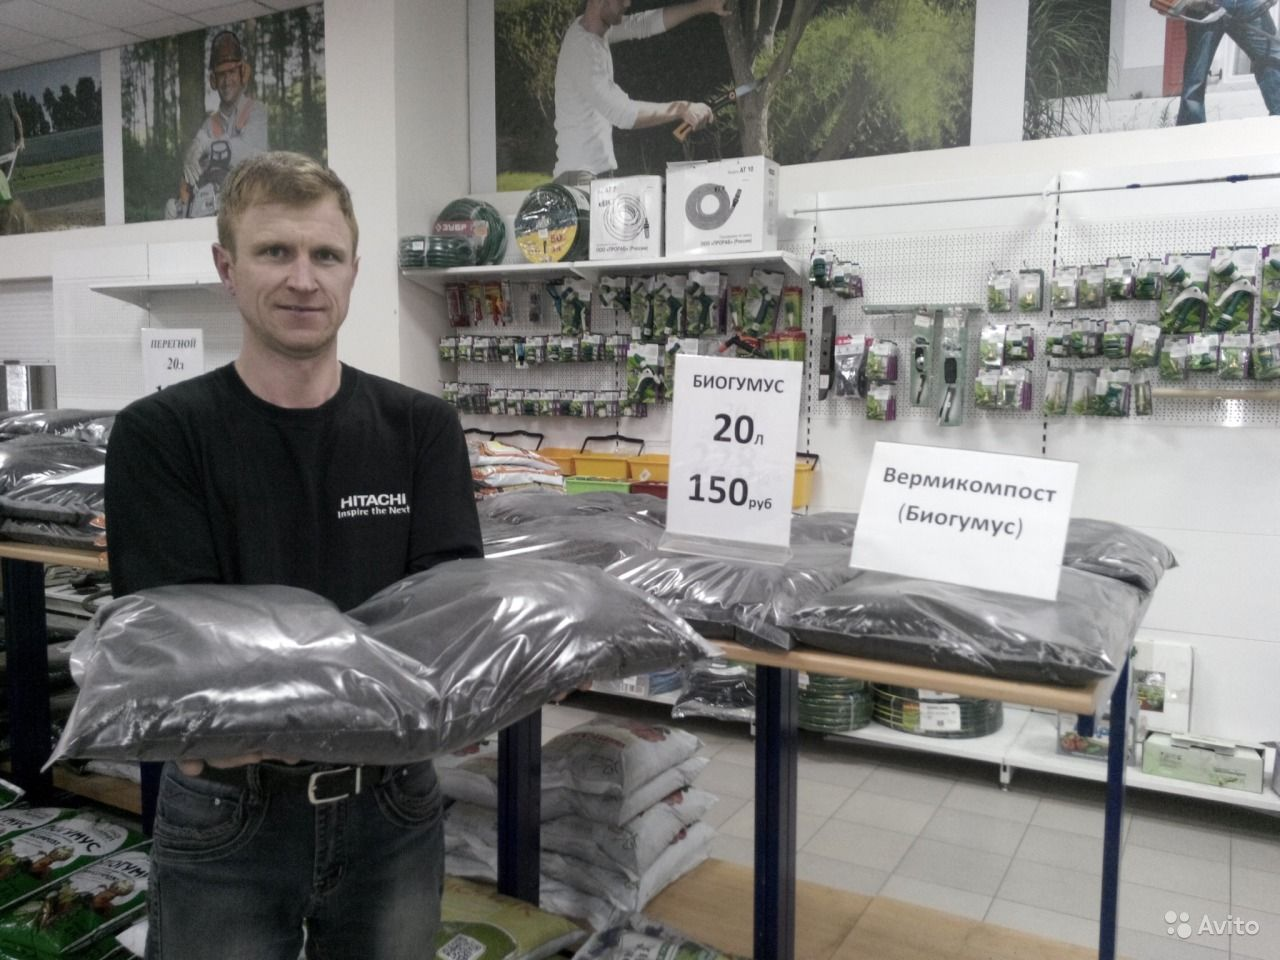 Биогумус. Вермикомпост Ткаченко по 20 и 40 литров купить на Зозу.ру - фотография № 1